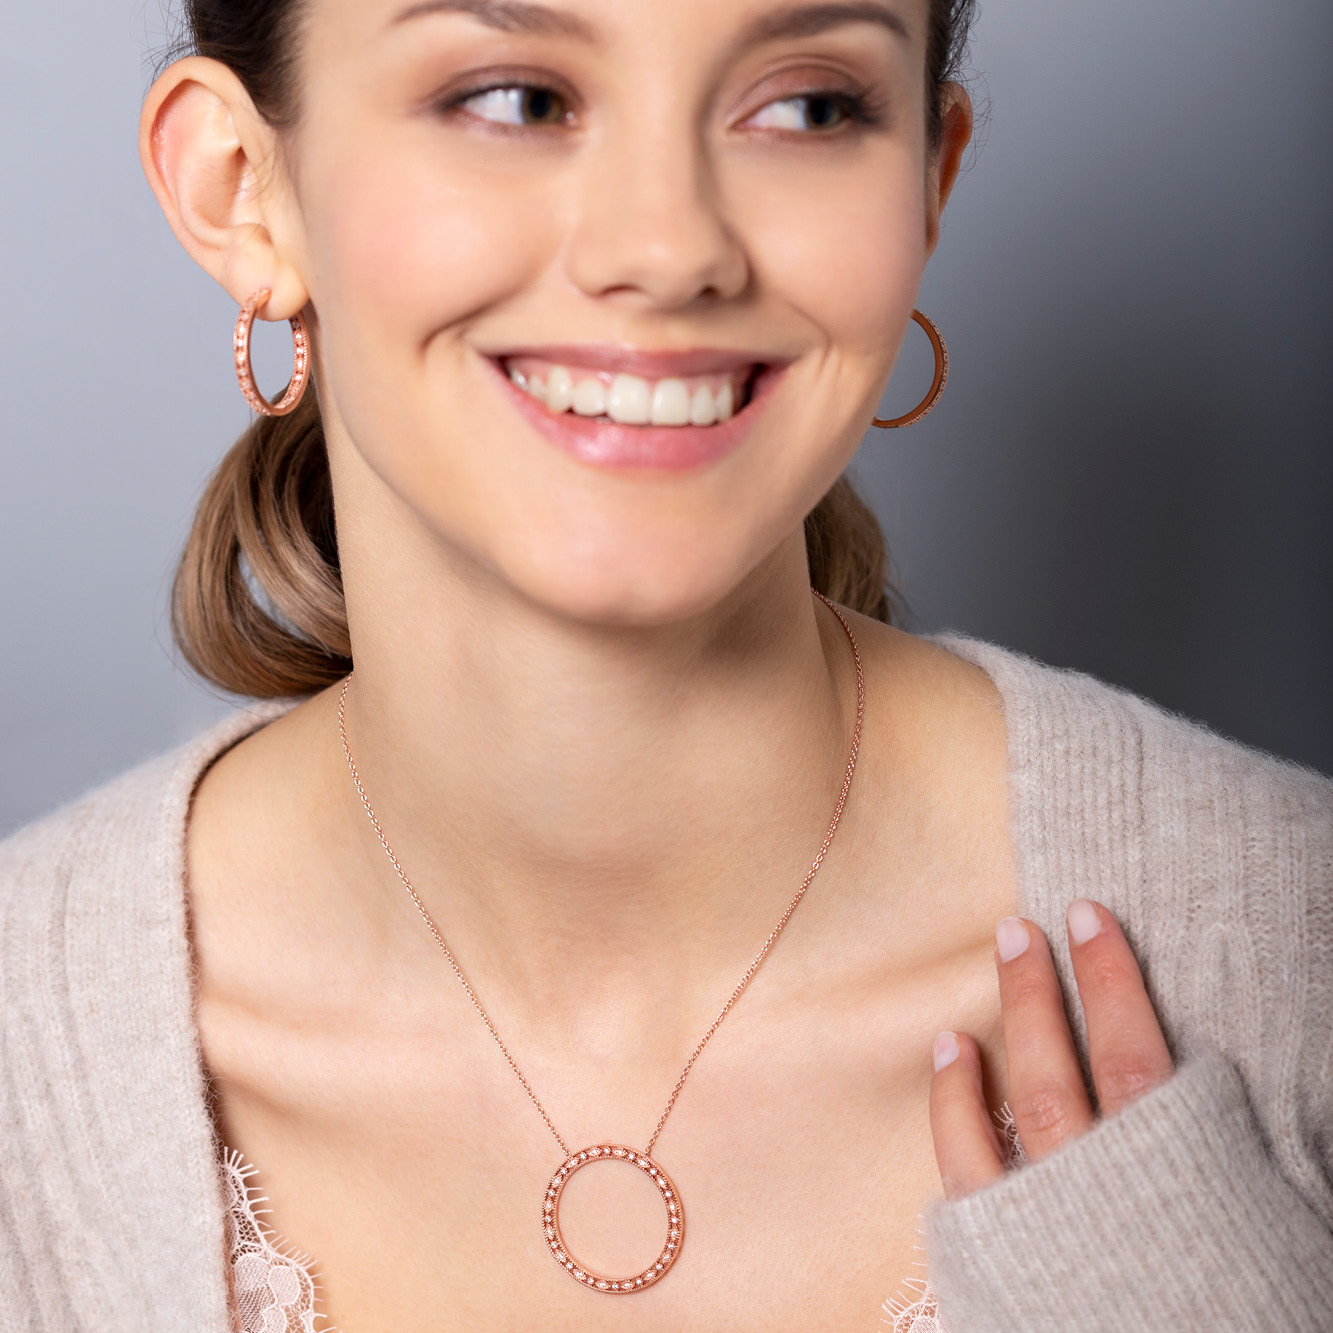 Damen Creolen Silber 925 Rosé Vergoldet Zirkonia